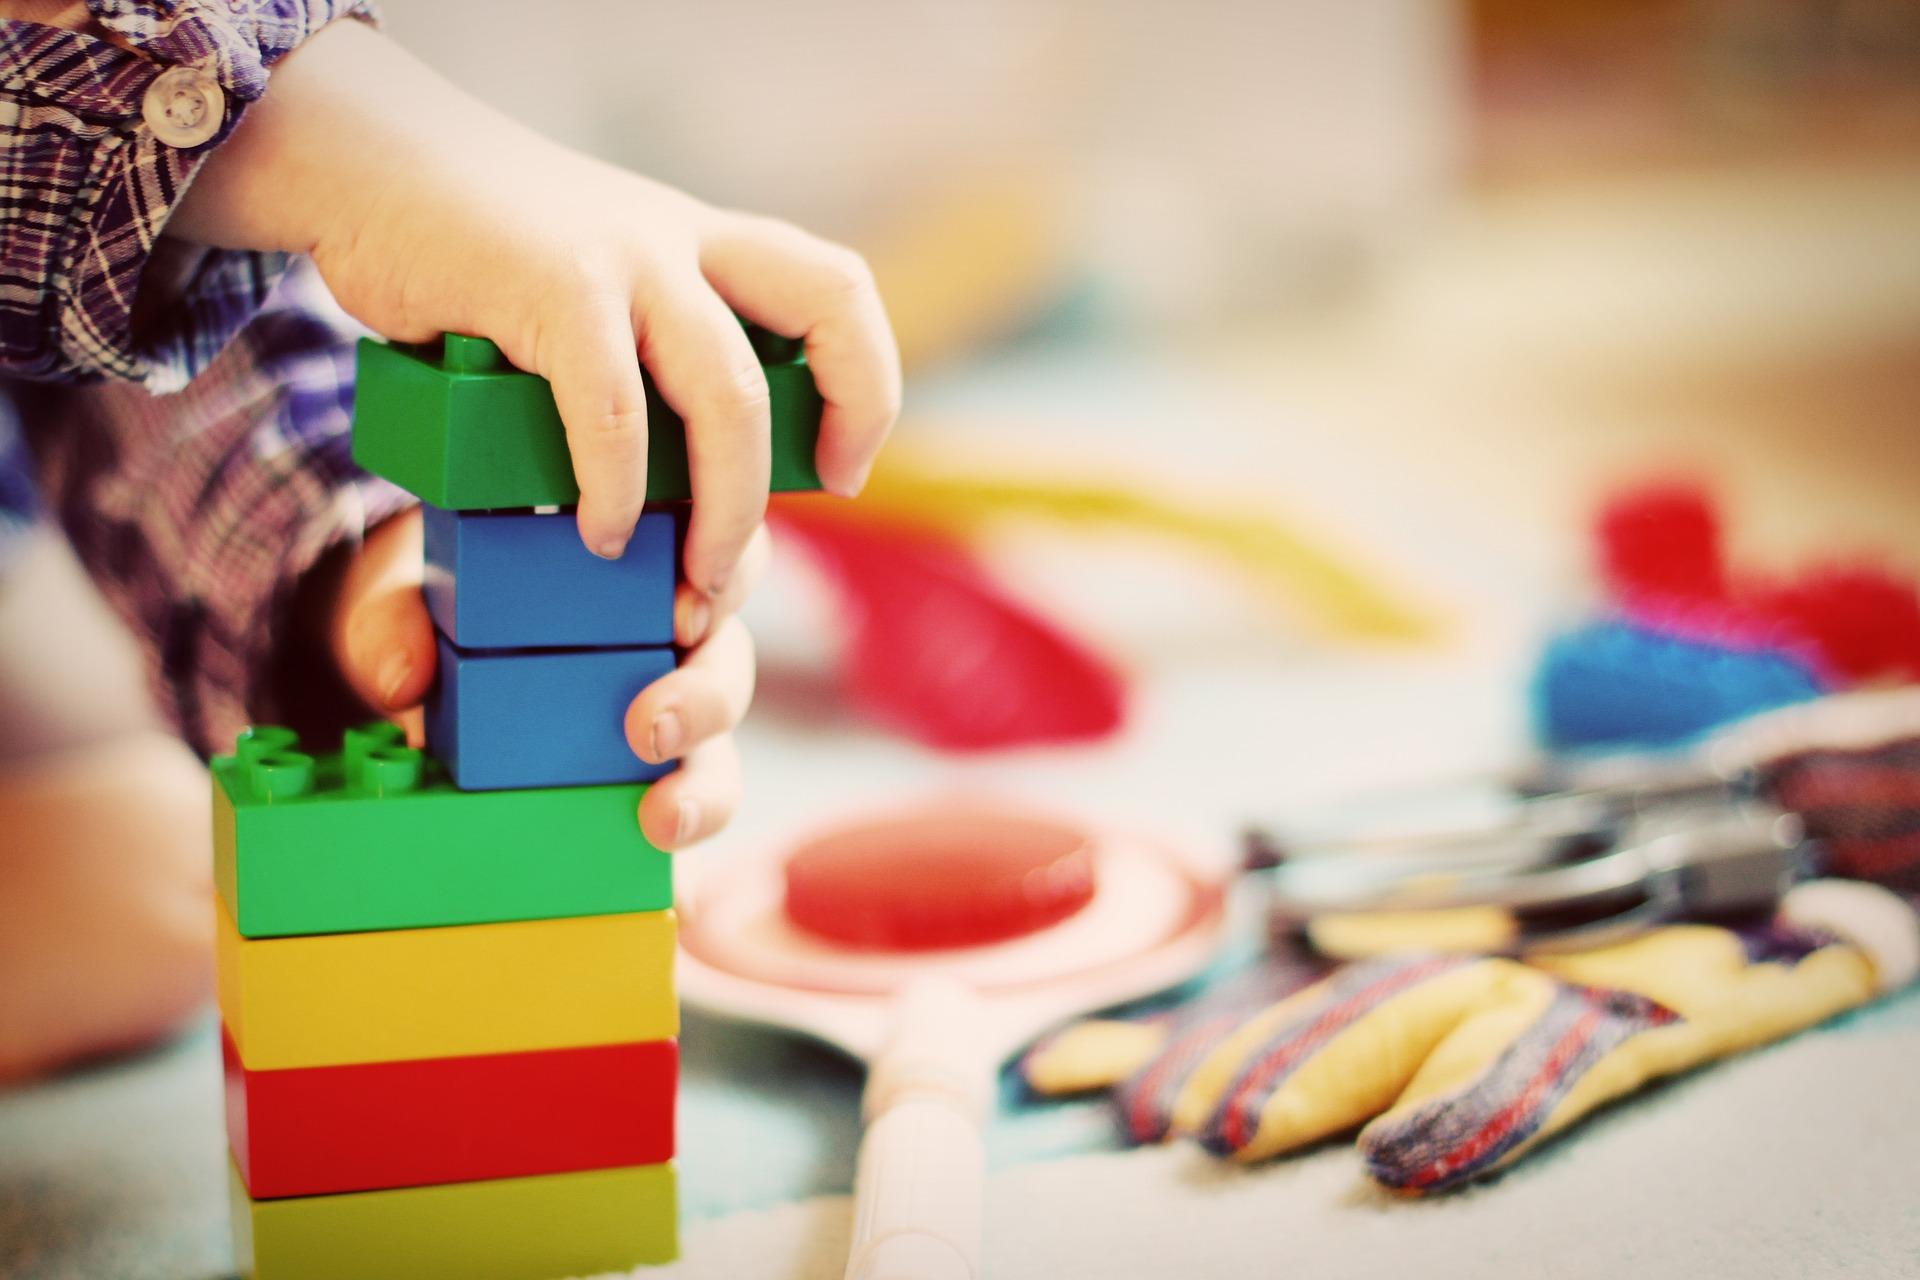 Mega Blocks LEGO toys kids